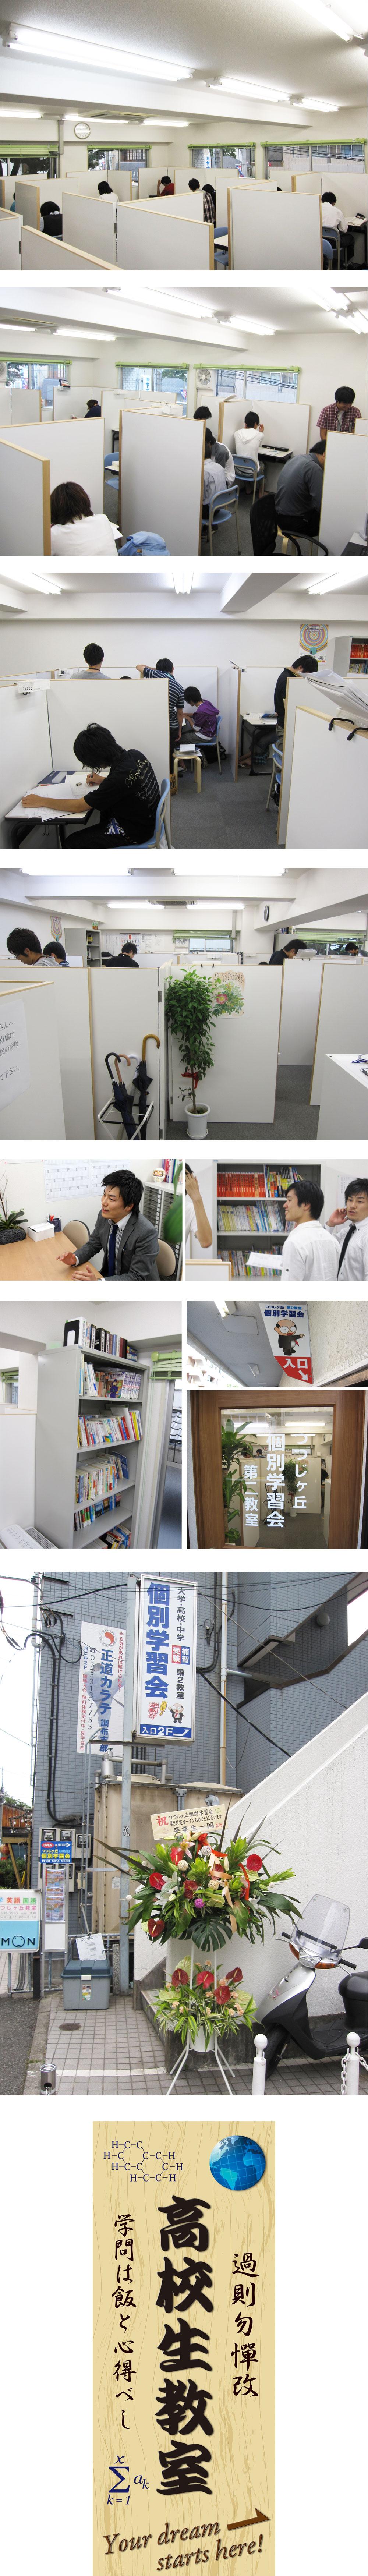 つつじヶ丘個別学習会【高校生教室】の教室風景